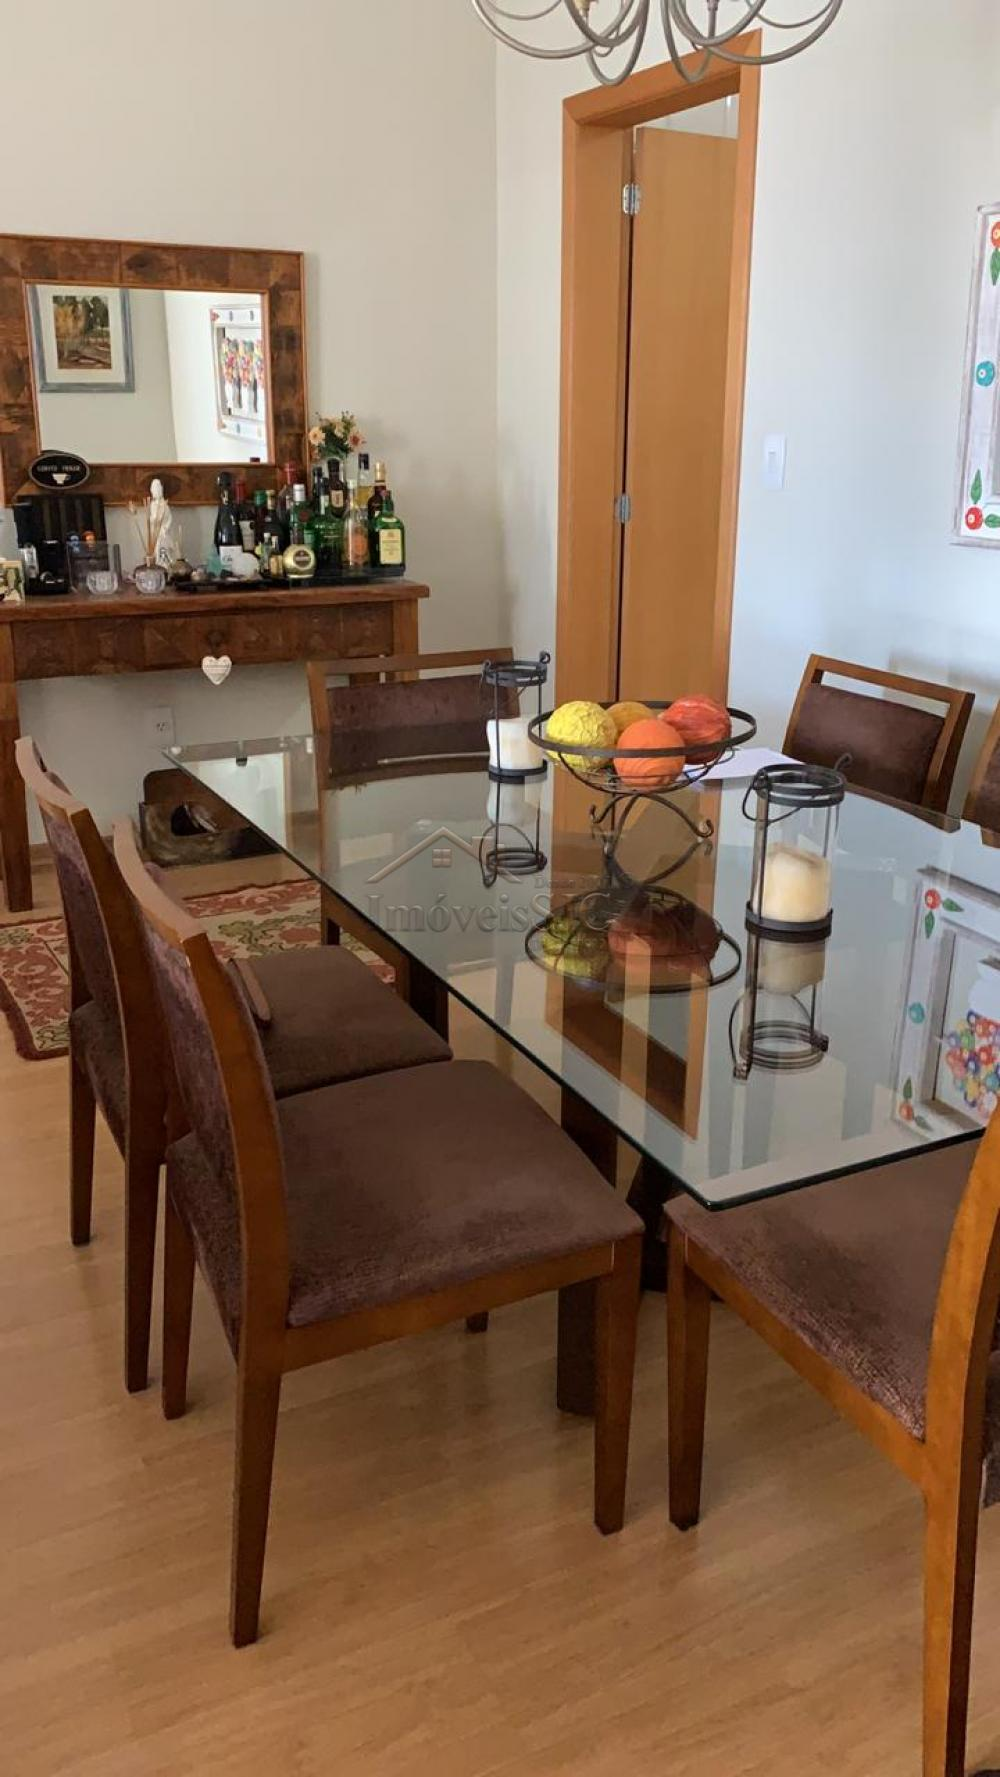 Comprar Apartamentos / Padrão em São José dos Campos apenas R$ 680.000,00 - Foto 6